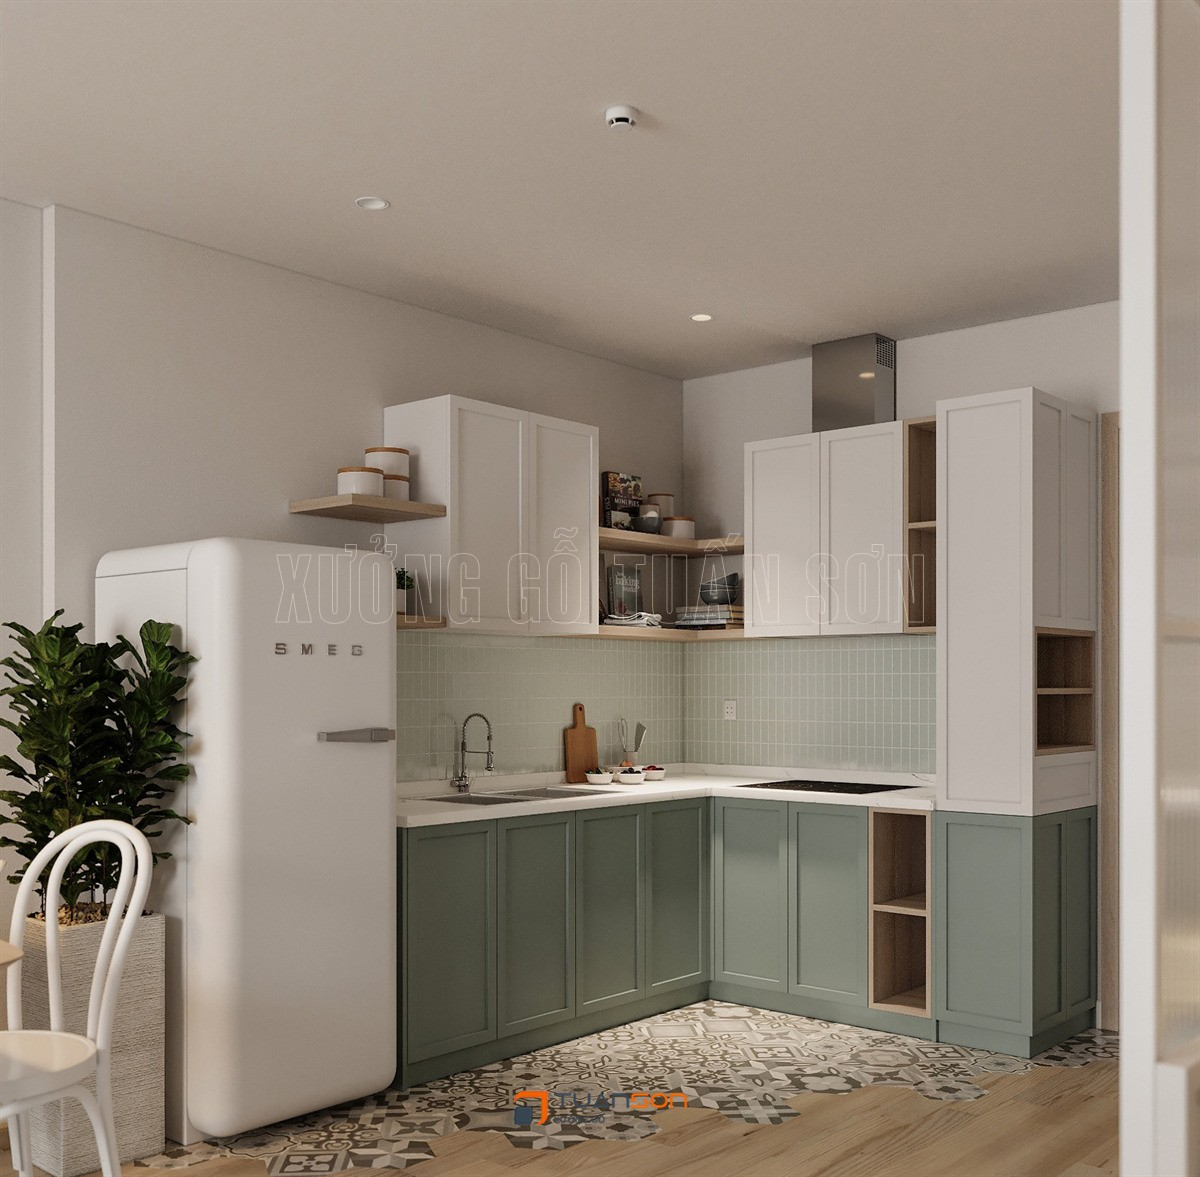 Thiết kế nội thất căn hộ 1 phòng ngủ + 1 (43m2) Vinhomes Ocean Park